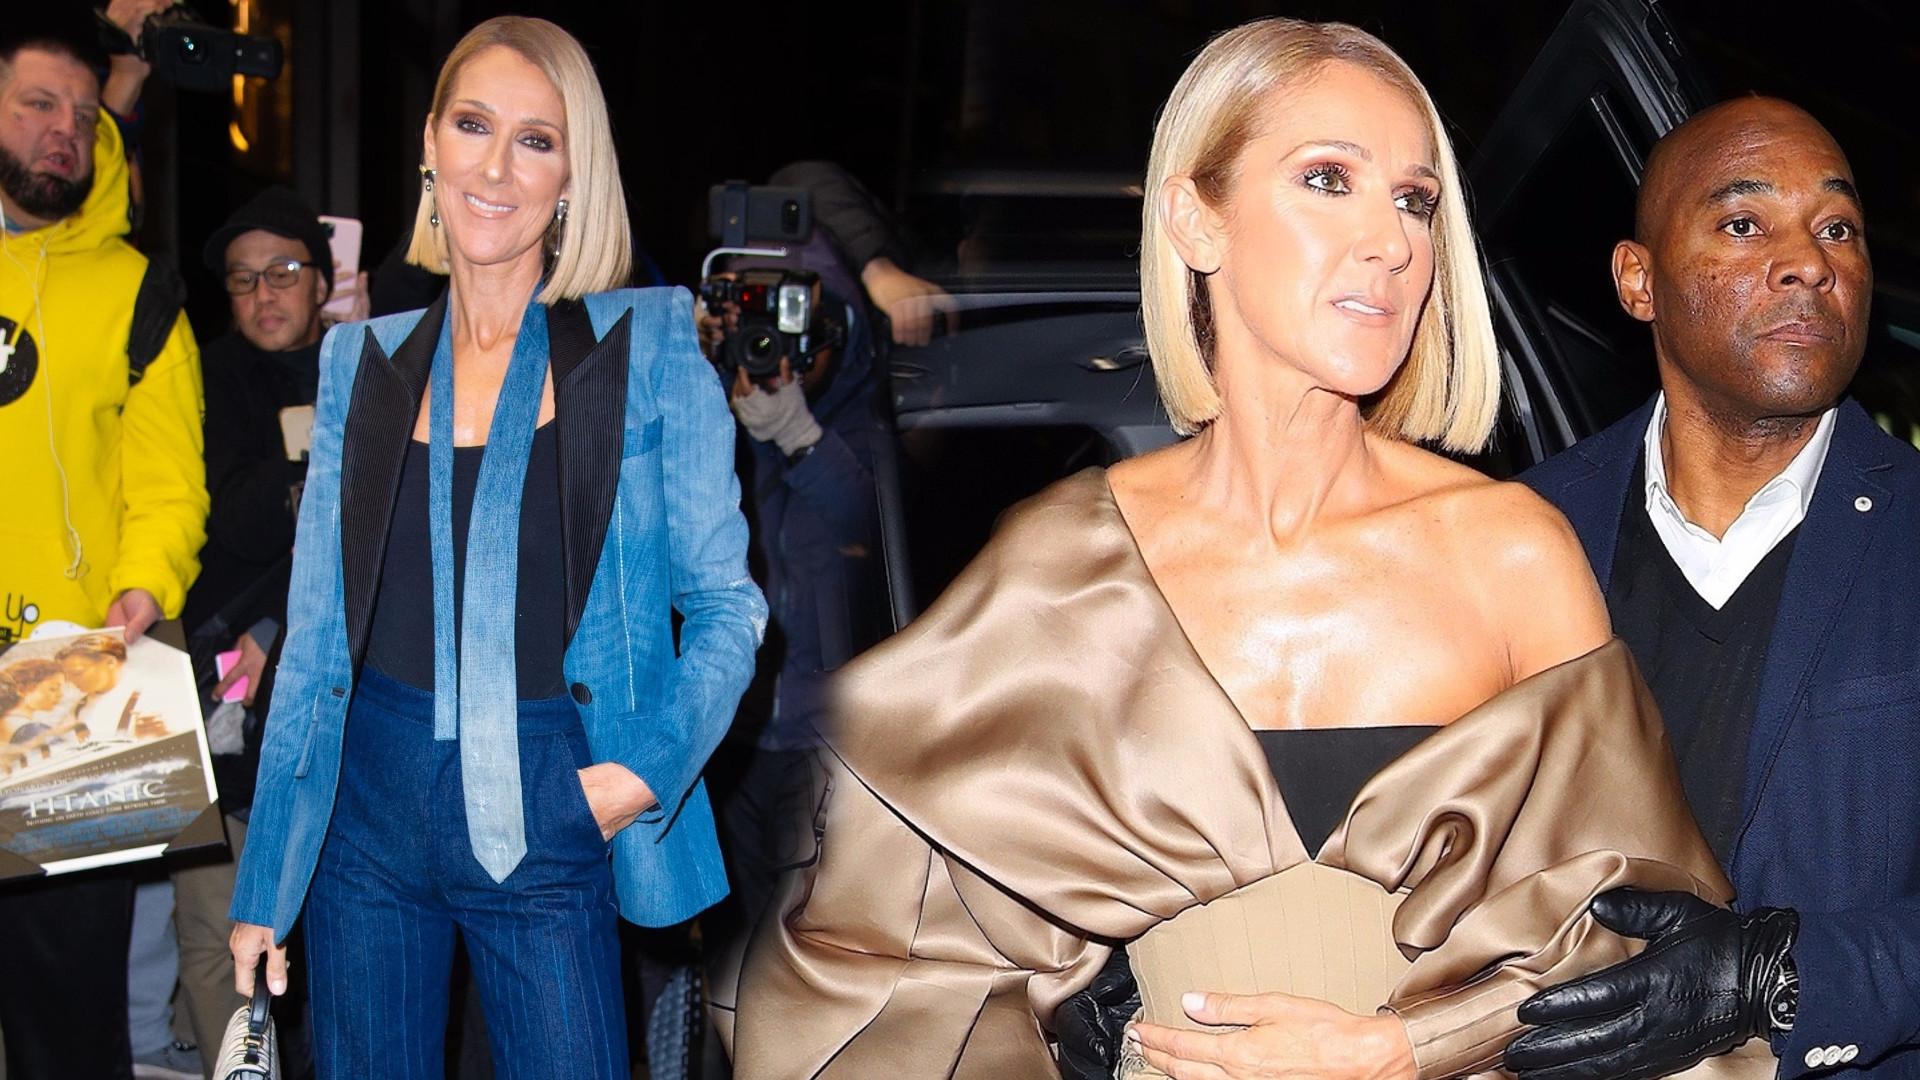 Celine Dion to prawdziwa fashionistka. Przebierała się aż 5 RAZY! (FOTO)